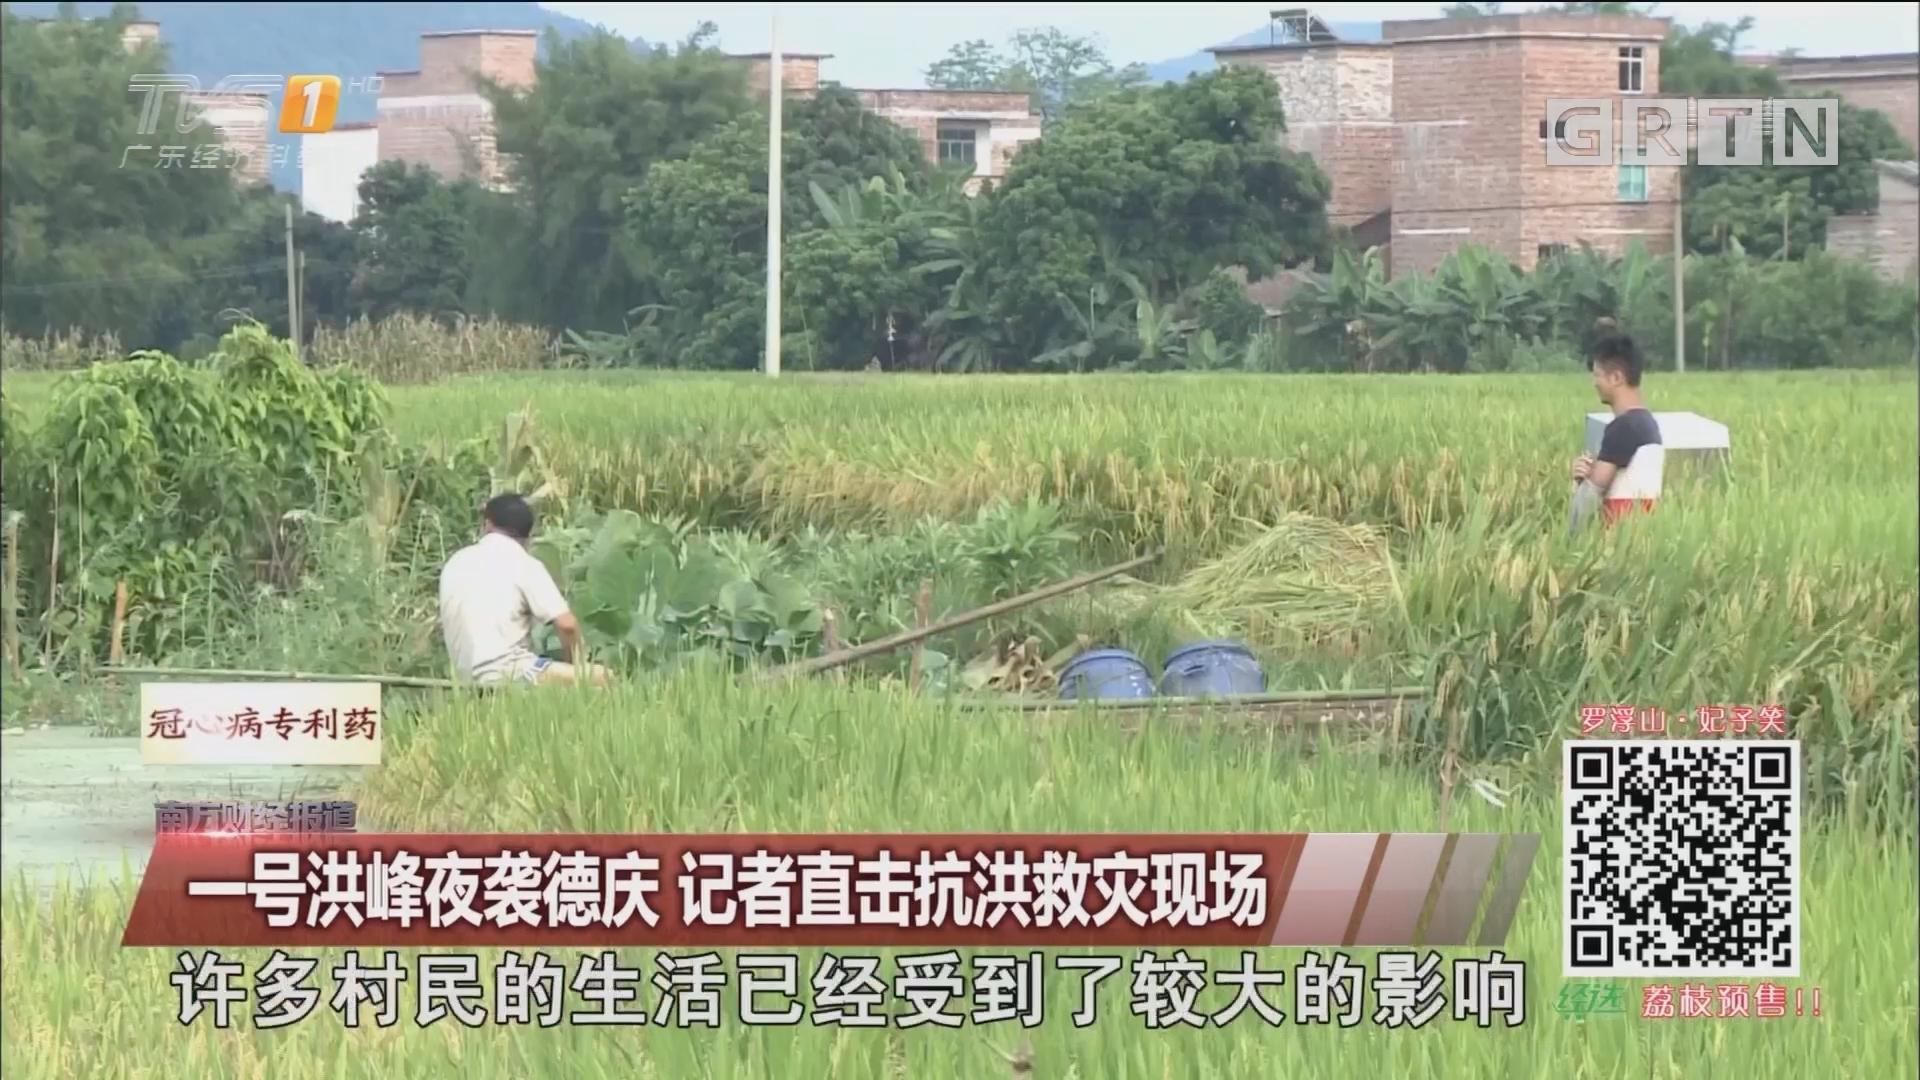 一号洪峰夜袭德庆 记者直击抗洪救灾现场